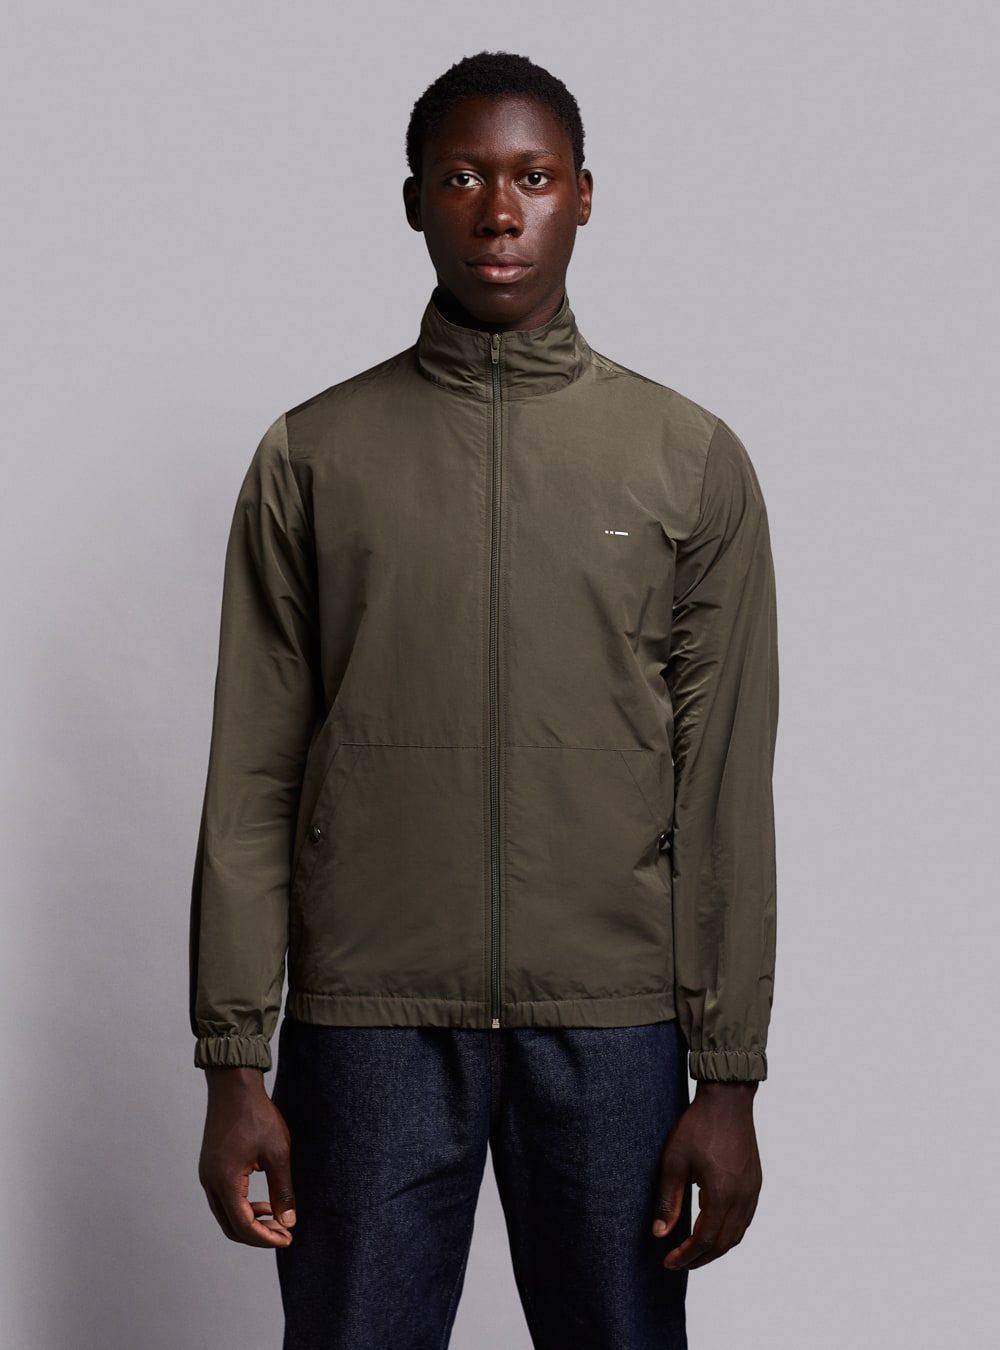 Windbreaker jacket (lightweight) in olive green, made in Portugal by wetheknot.